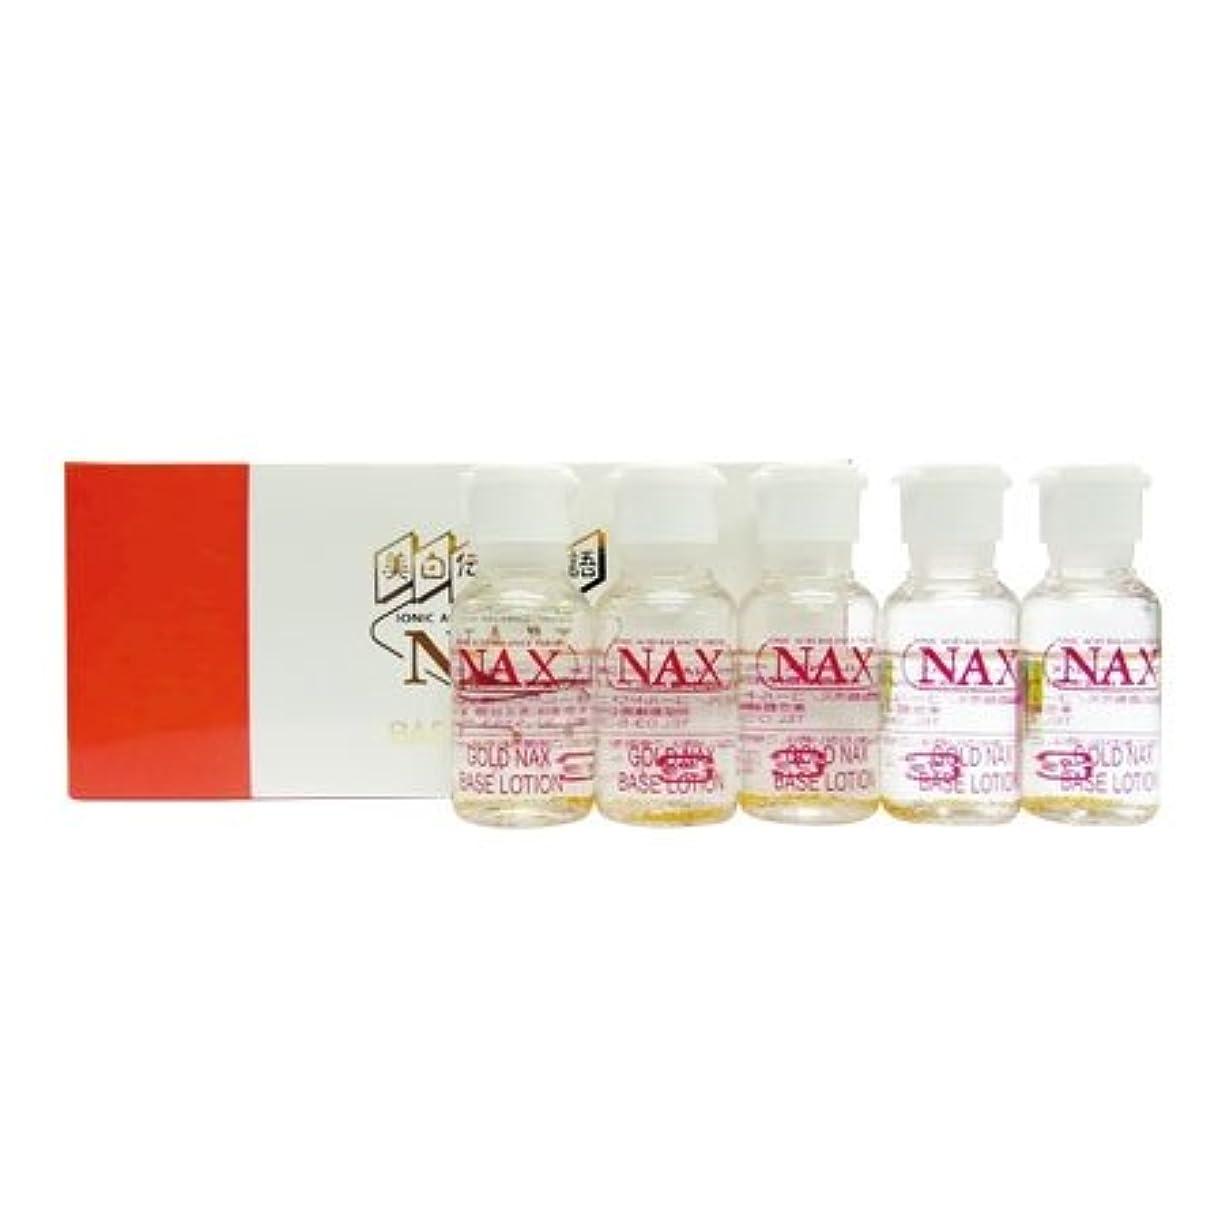 忘れっぽいシロクマ従順ゴールドコスメ NAX ベースローション 化粧水 超敏感肌用 12.5ml×5本